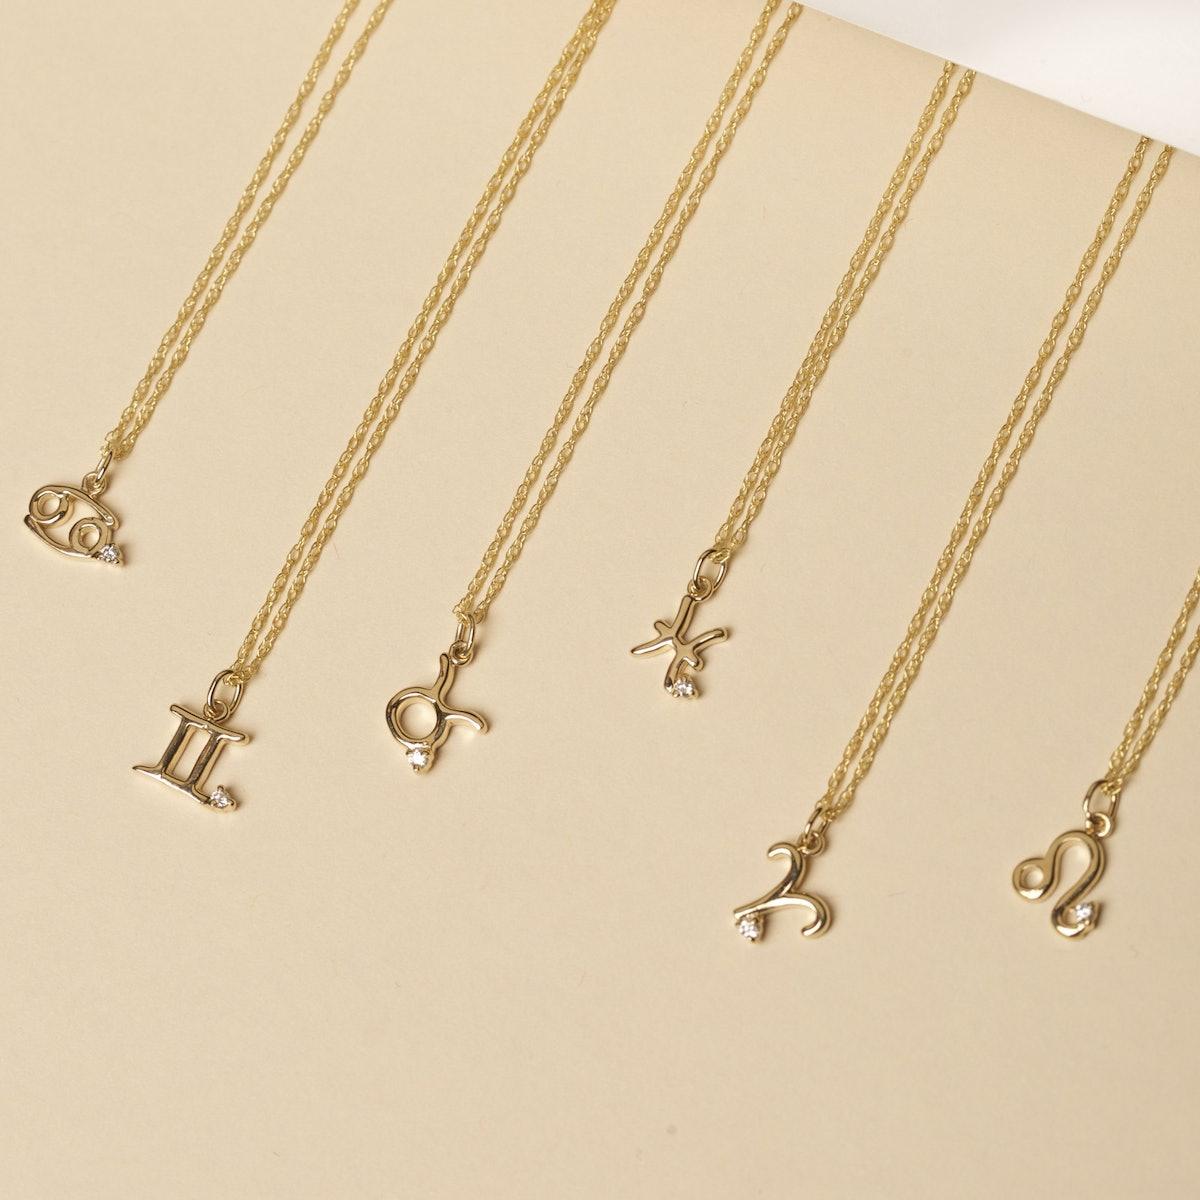 Zodiac Charm Necklace with Diamond